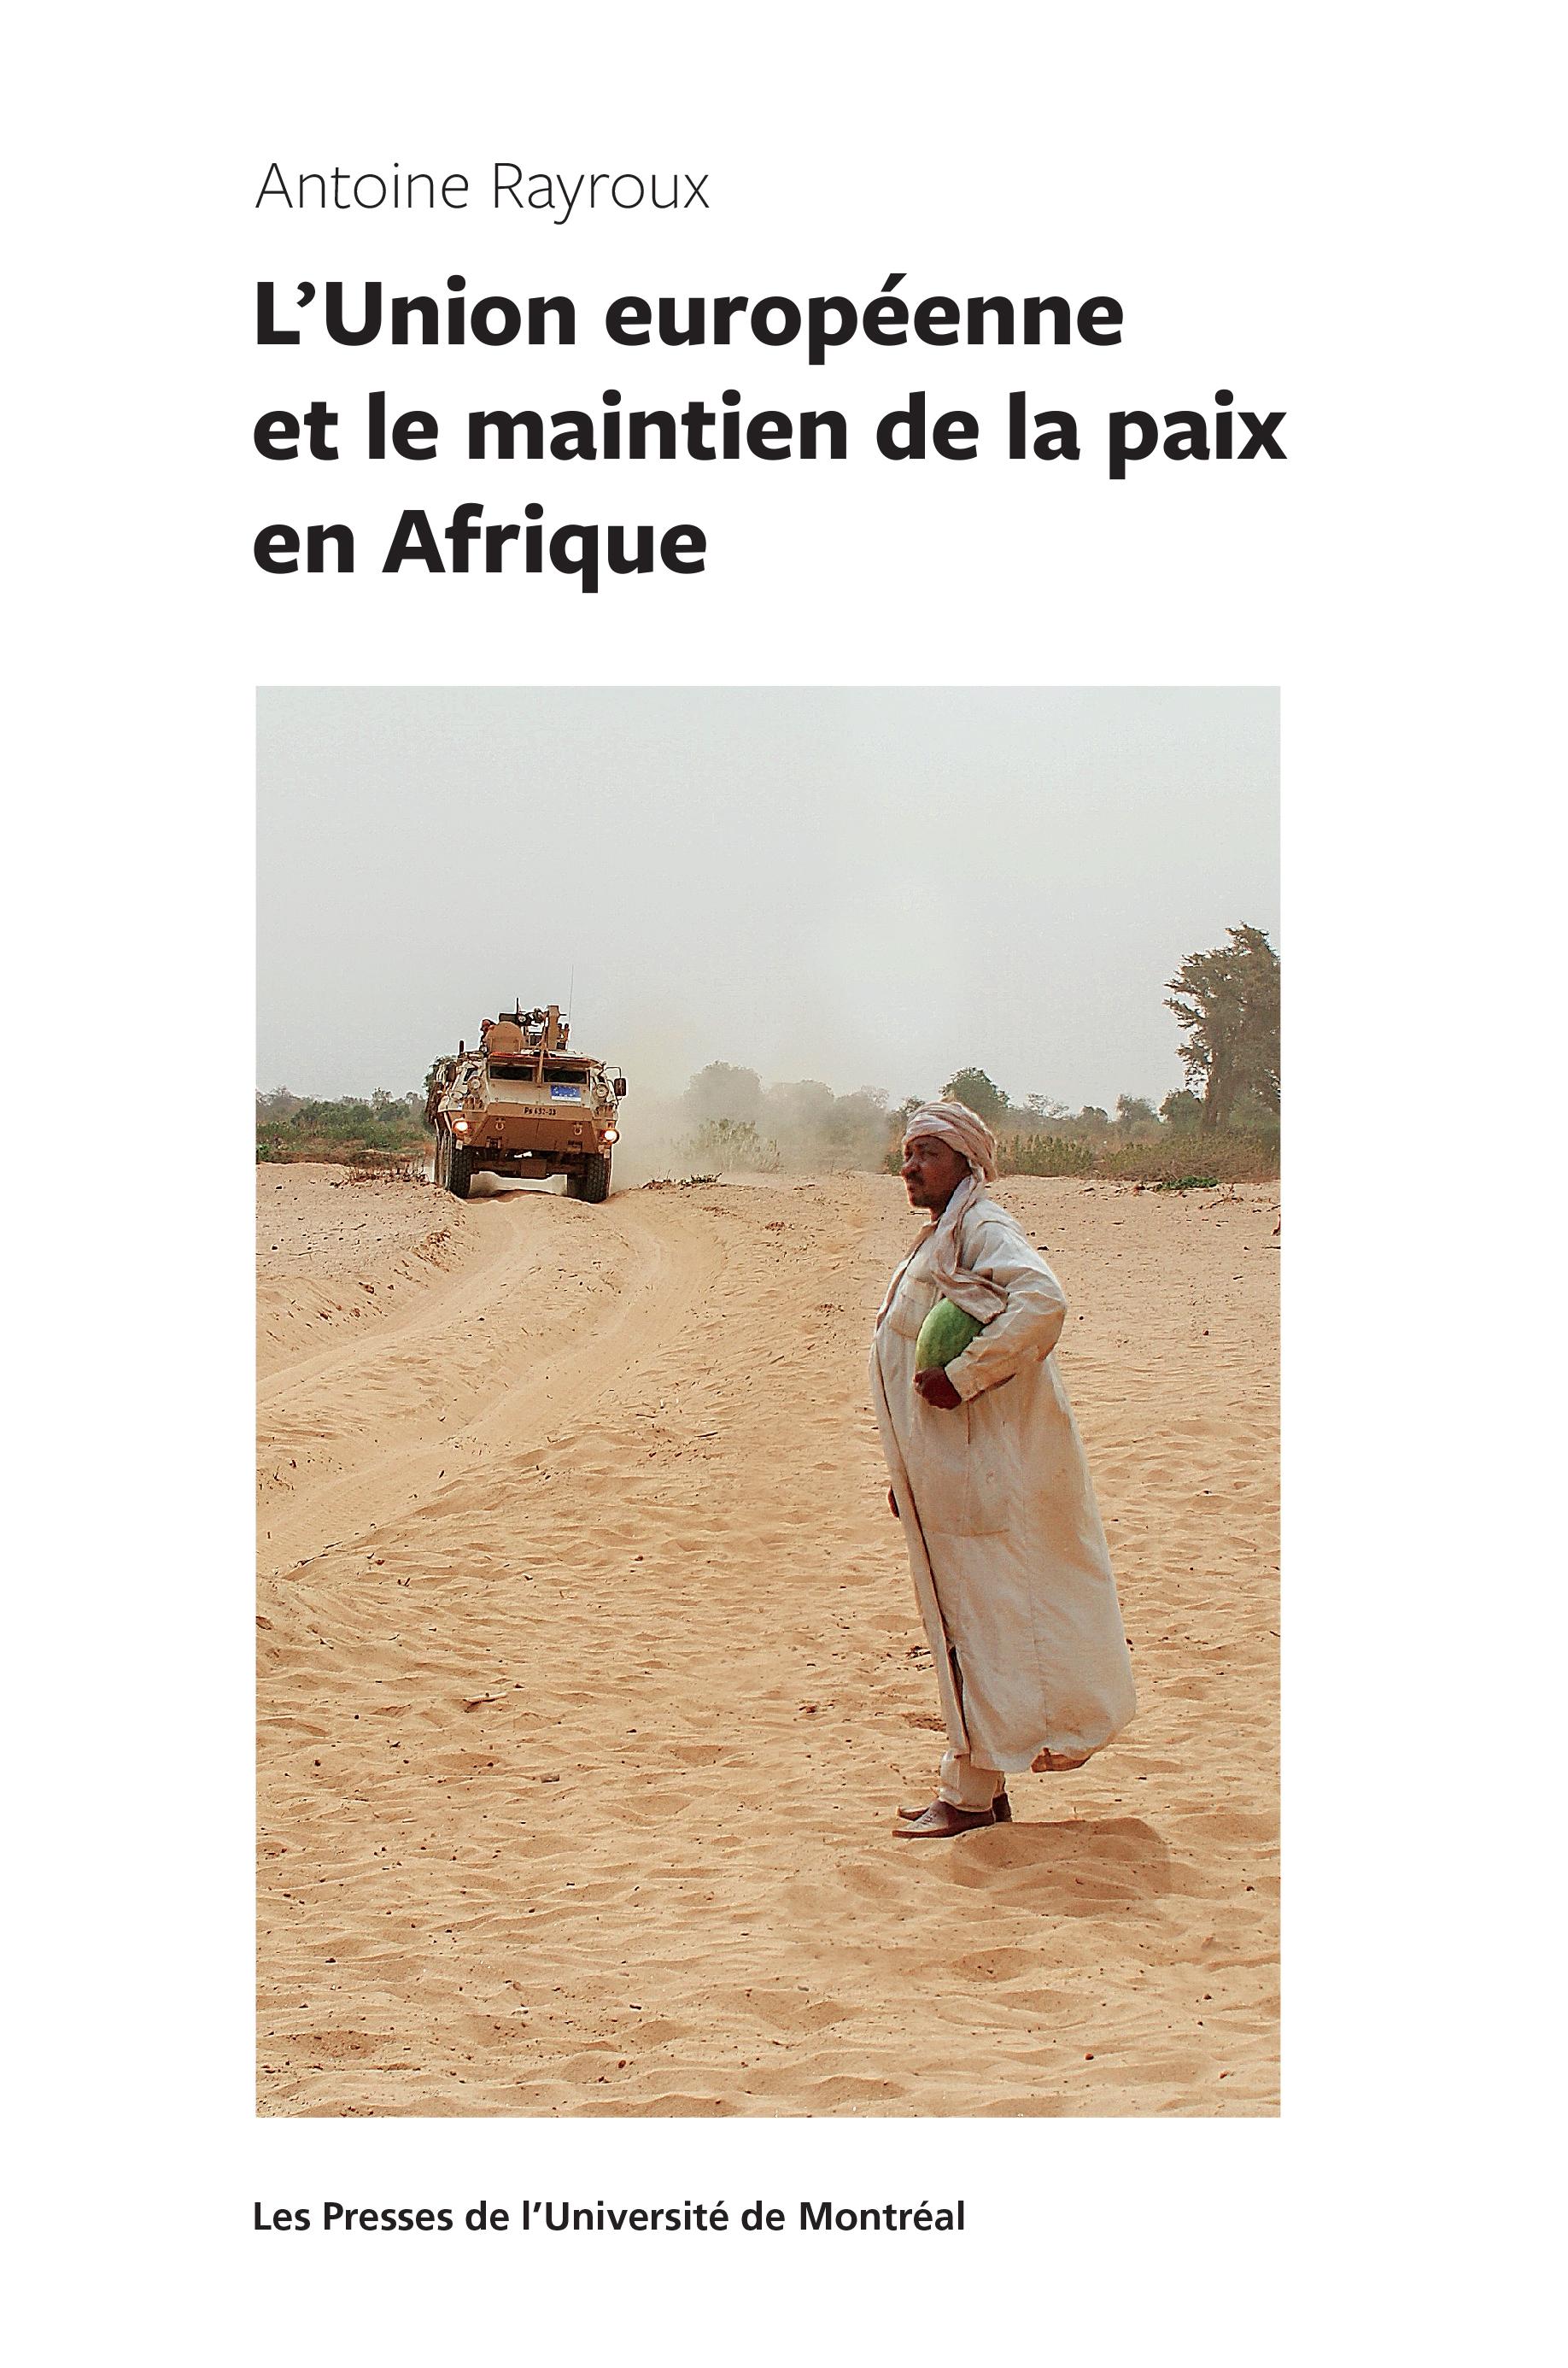 L'Union européenne et le maintien de la paix en Afrique